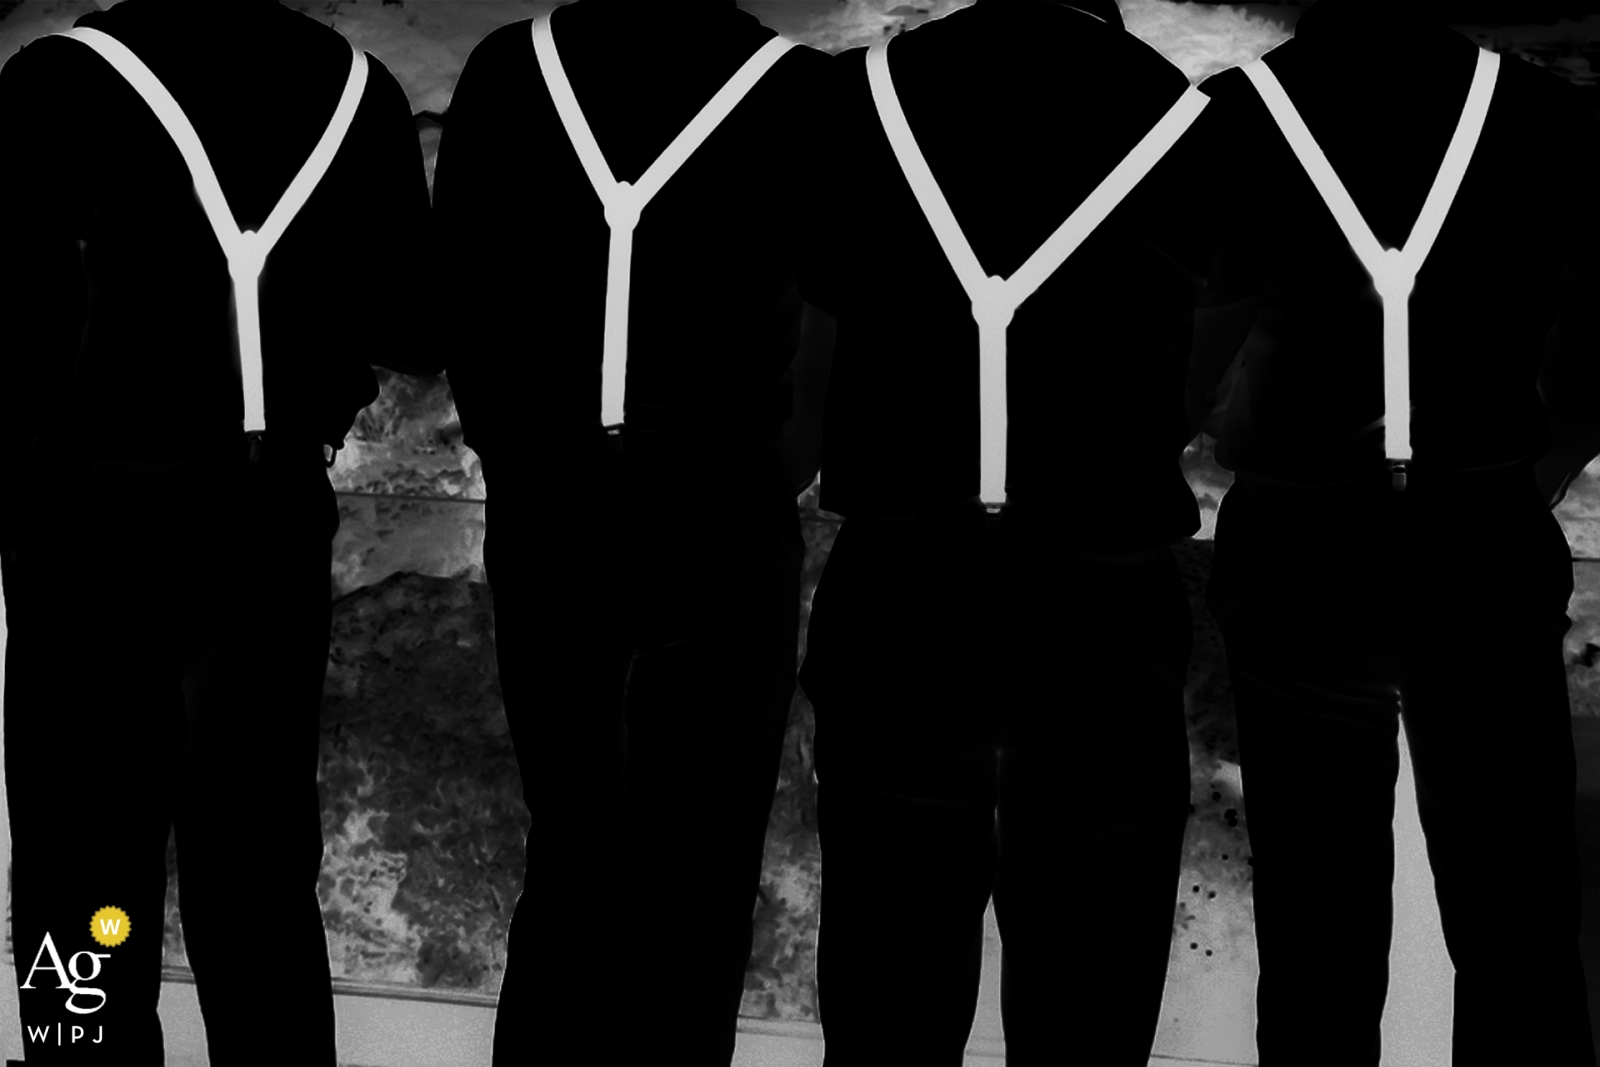 Cancun, Meksyk Zdjęcia ślubne - Szelki dla najlepszego mężczyzny w czerni i bieli